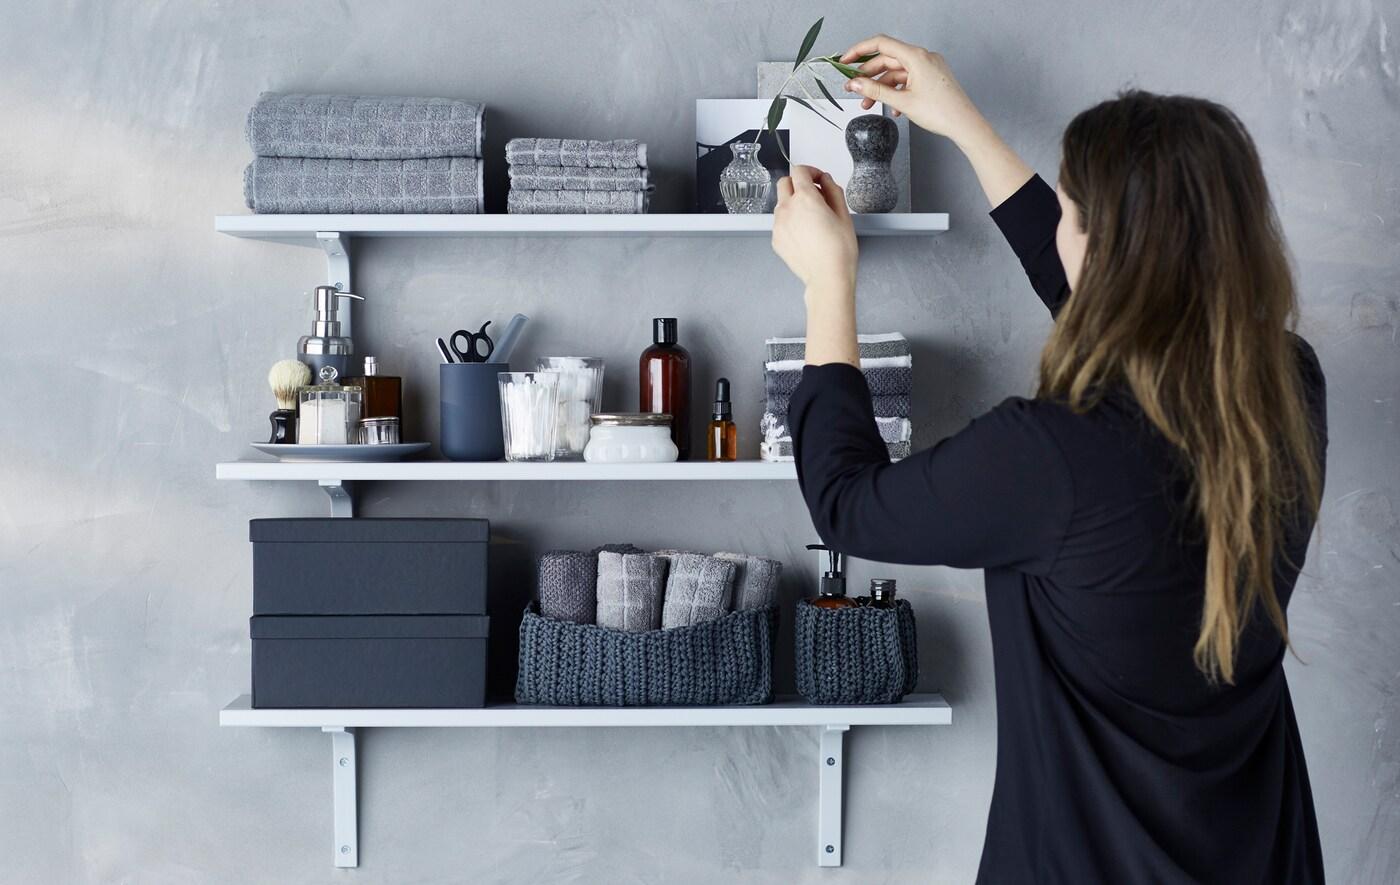 Ikea baderomsmøbler kvalitet få inspirasjon til baderommet ikea